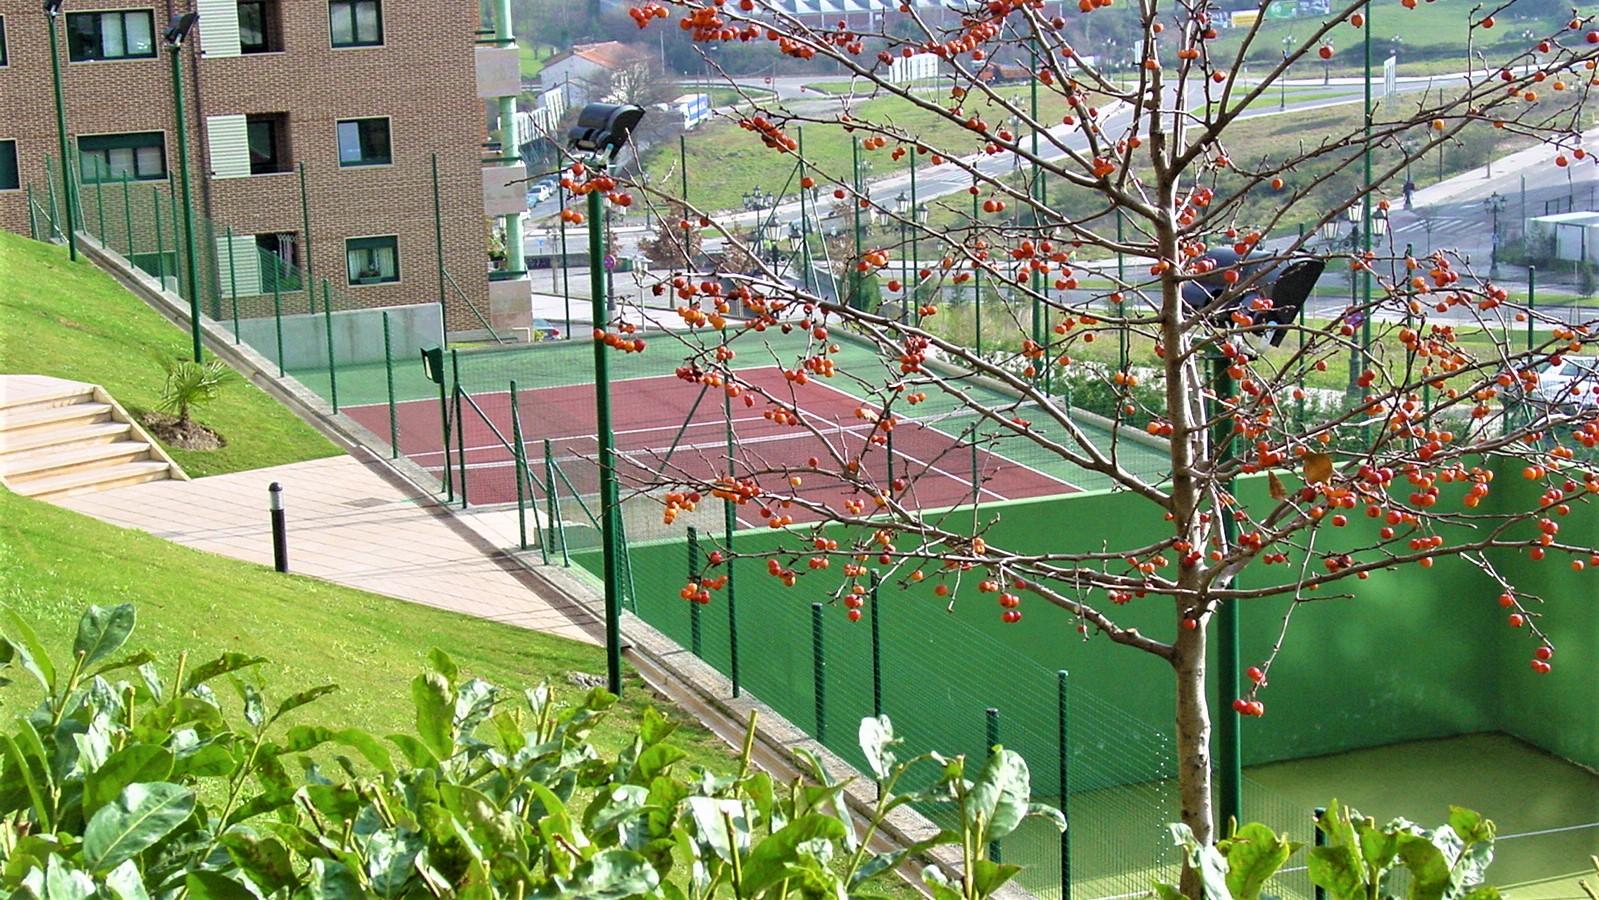 jardines del aramo tenis y padel